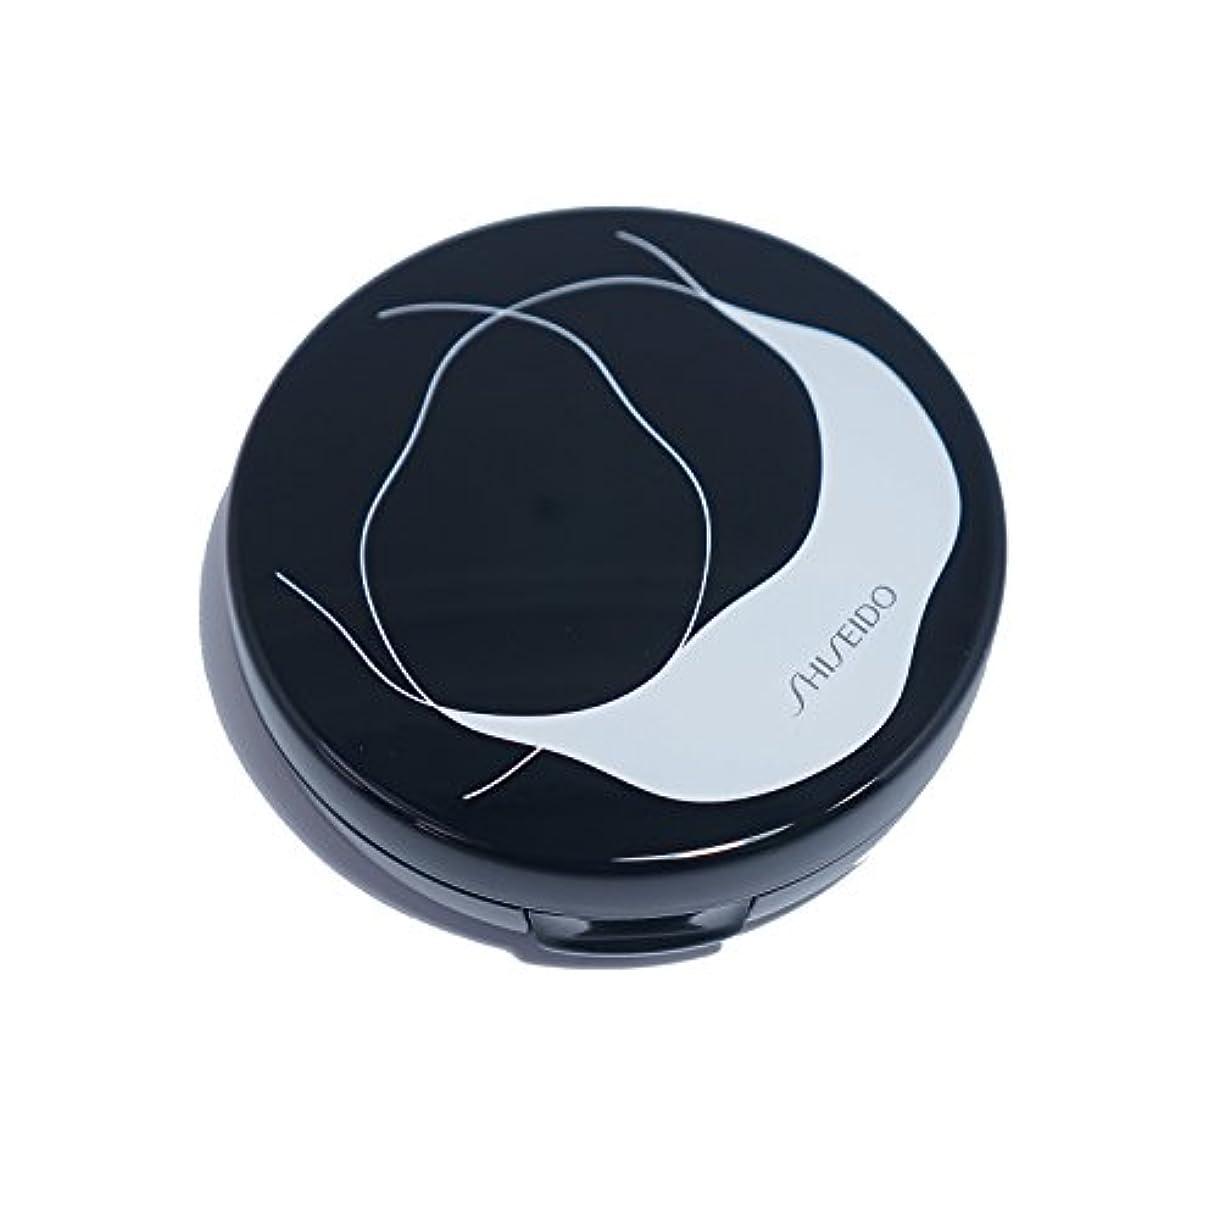 髄お手入れ最大SHISEIDO 資生堂 シンクロスキン グロー クッションコンパクト オークル10 レフィル&ケースのセット 国内正規品